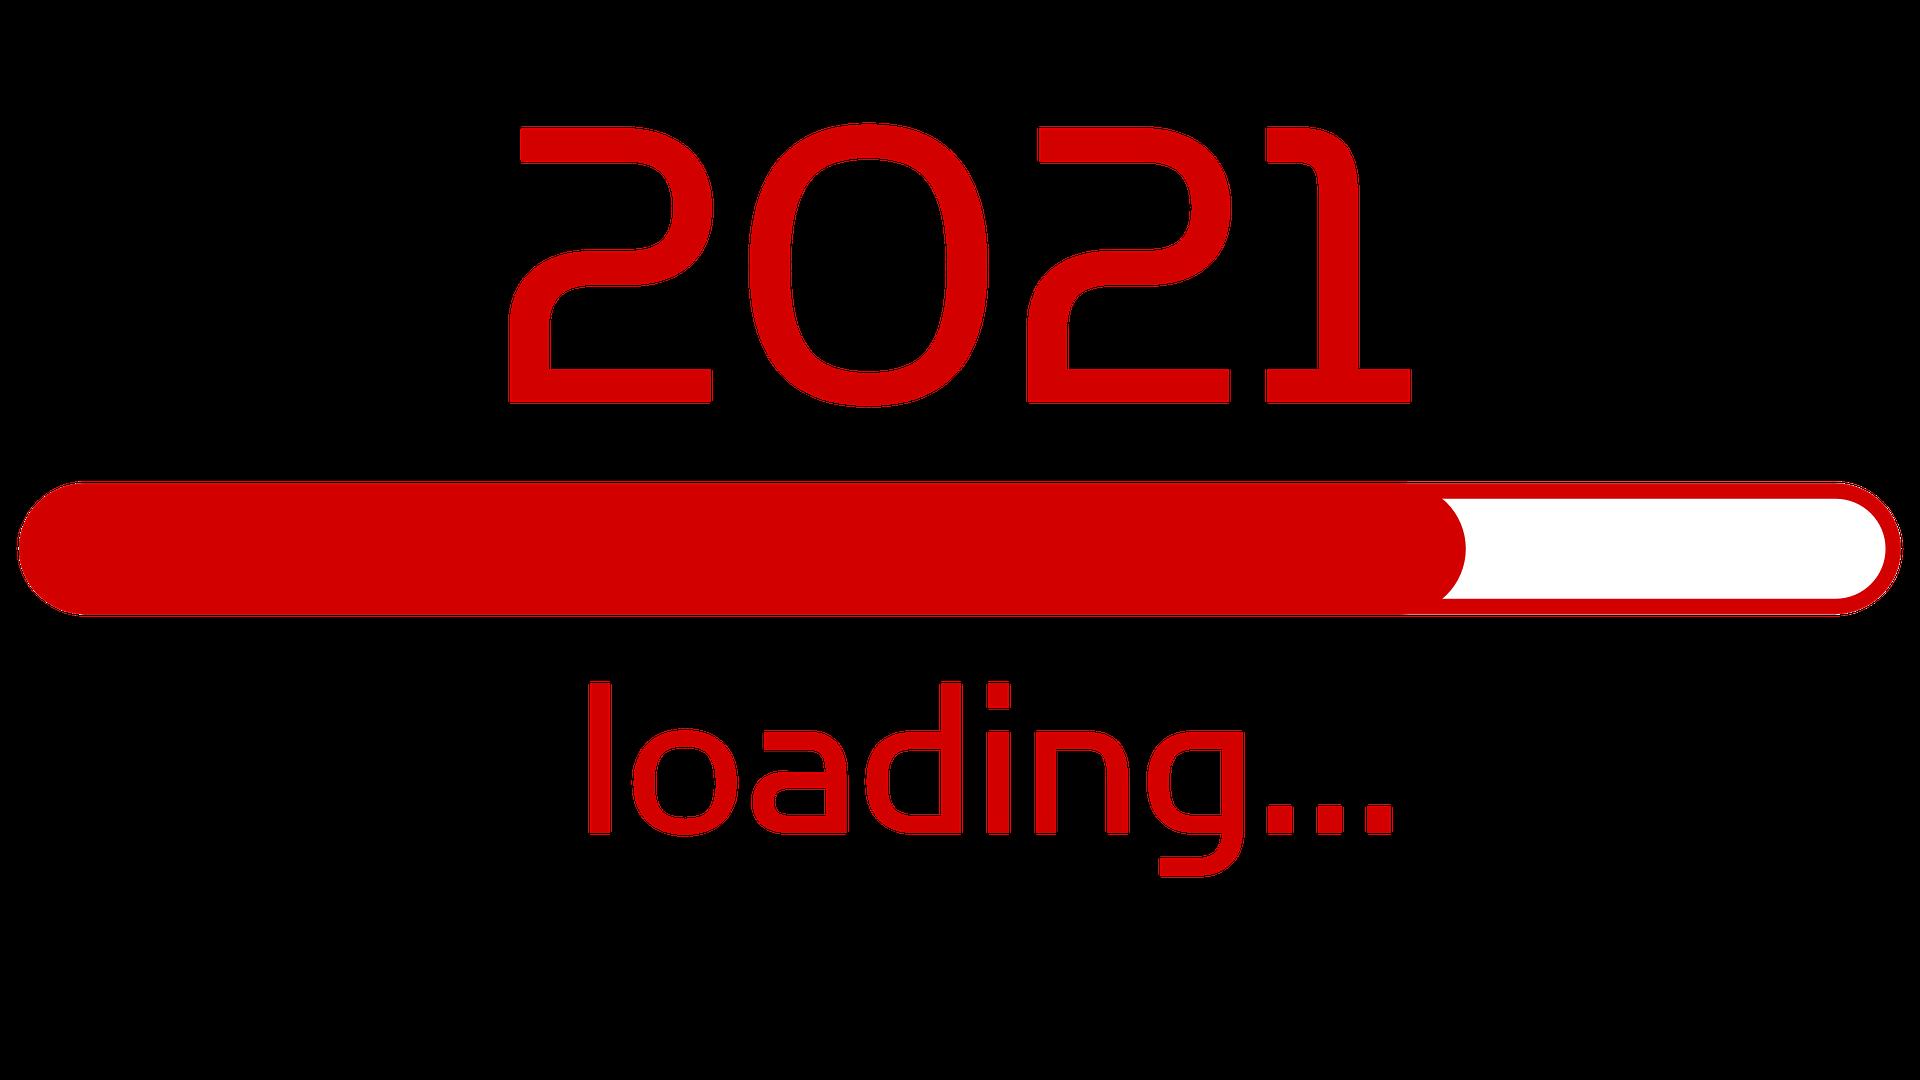 Dag 2020 Hallo 2021